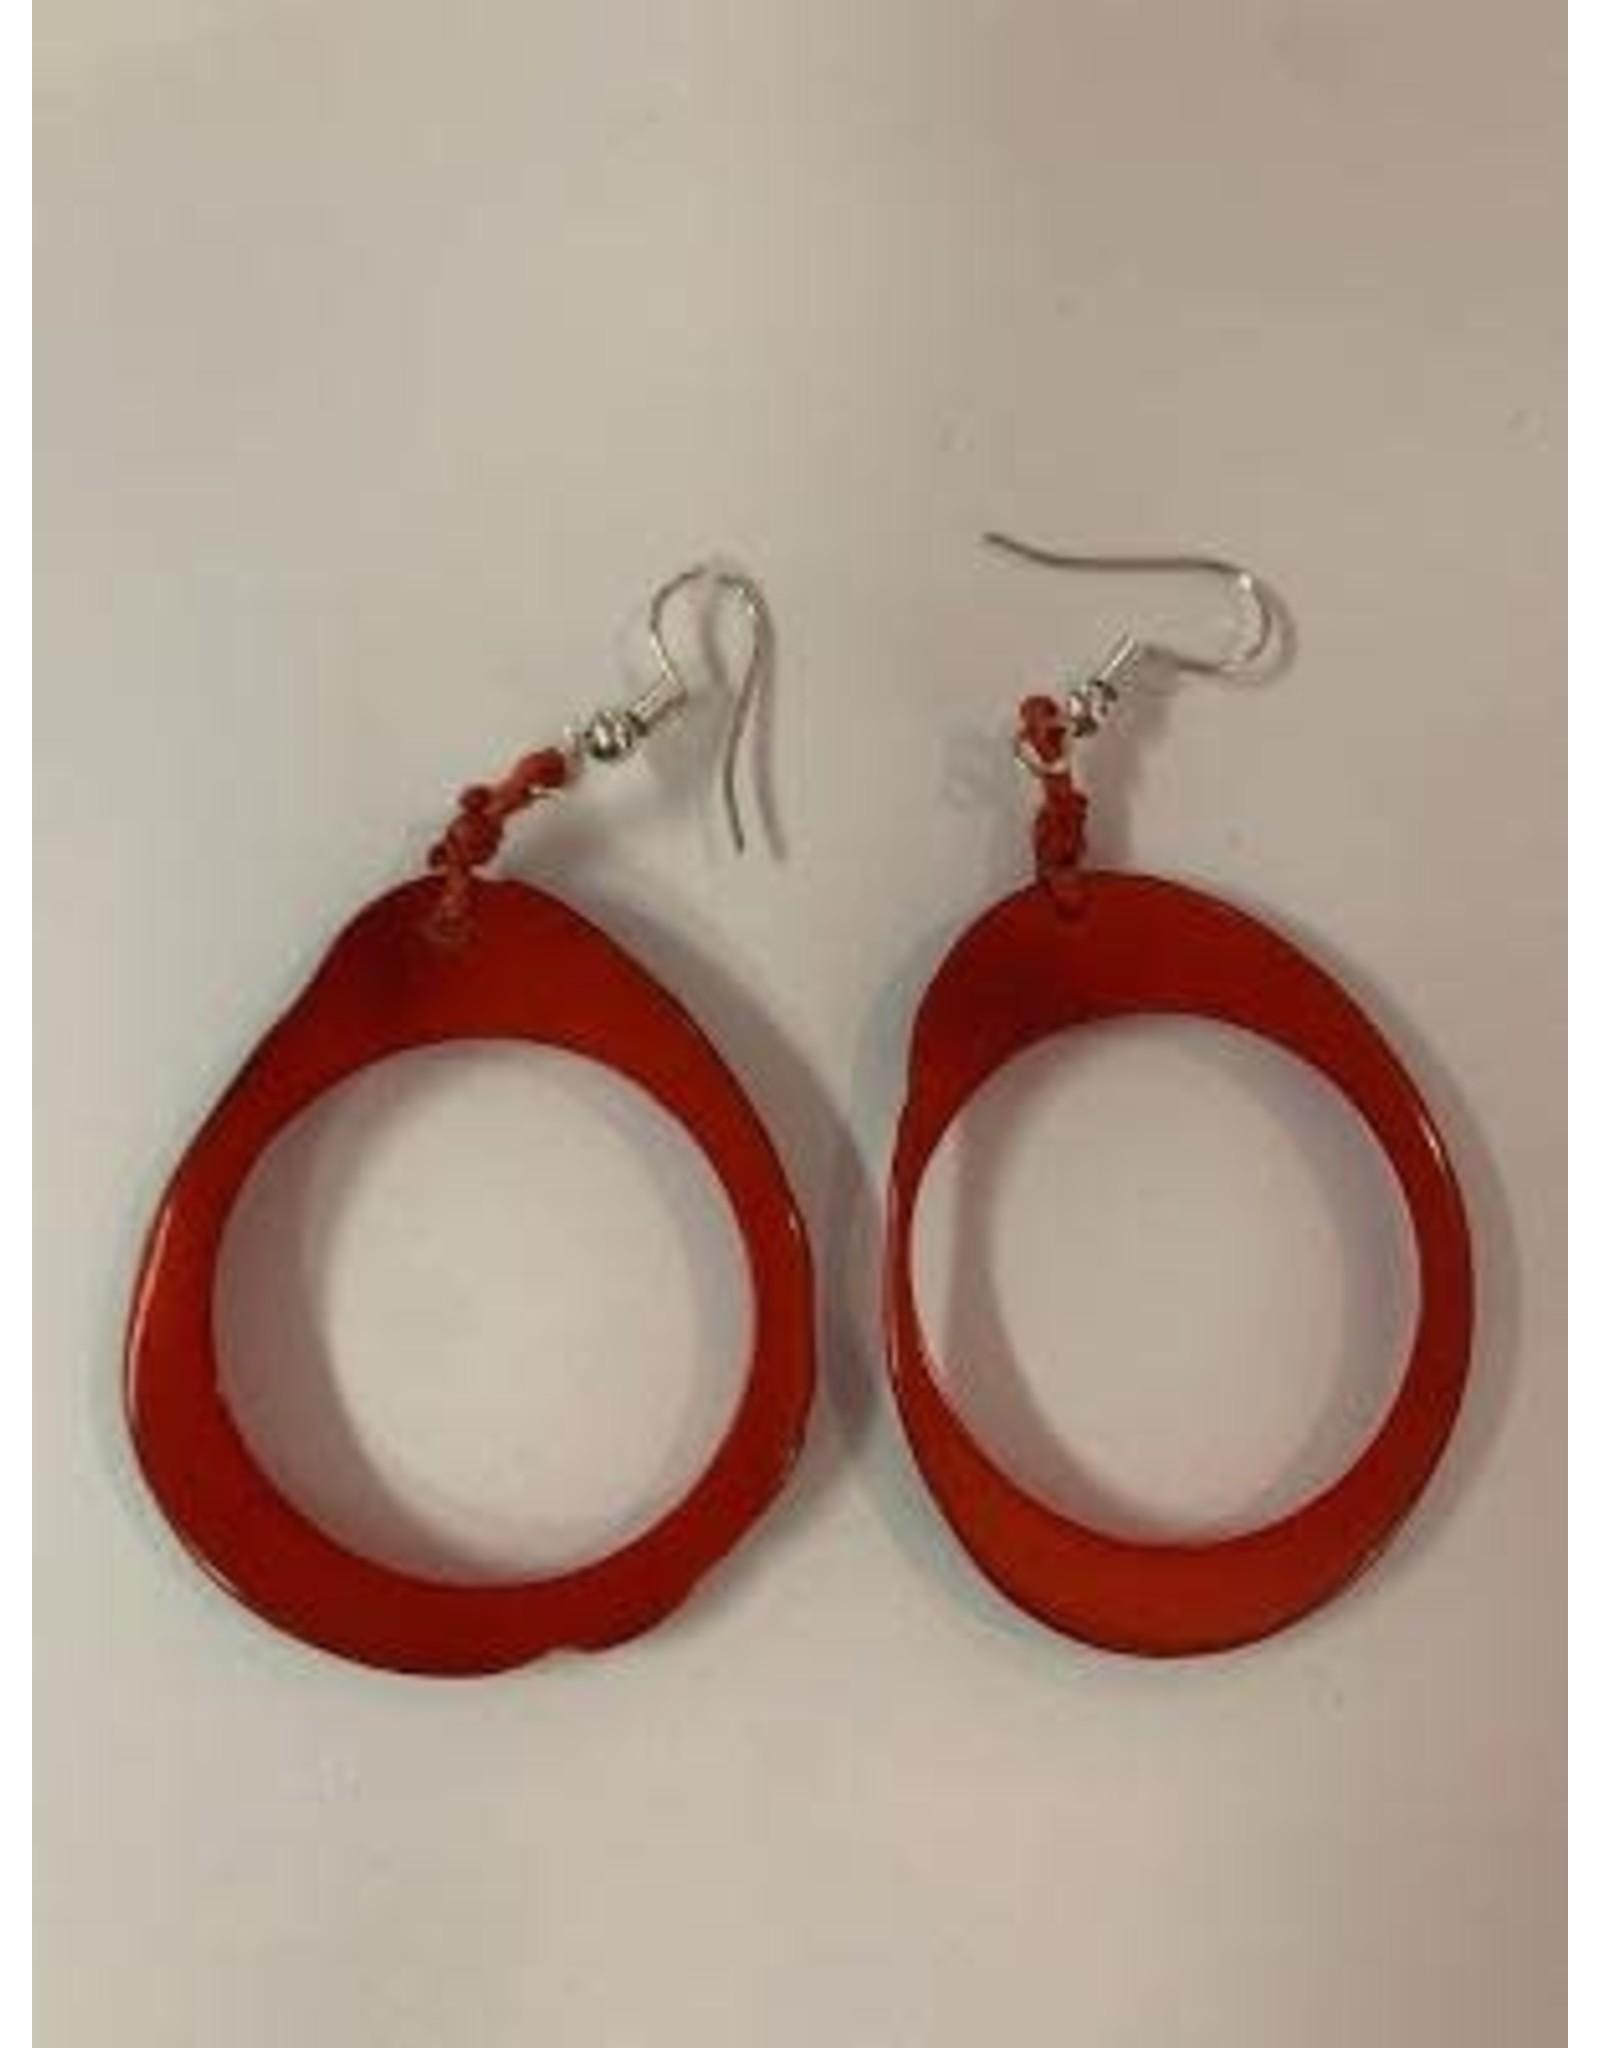 Tagua Fashion Earrings, Red Oval w/Hole, Ecuador